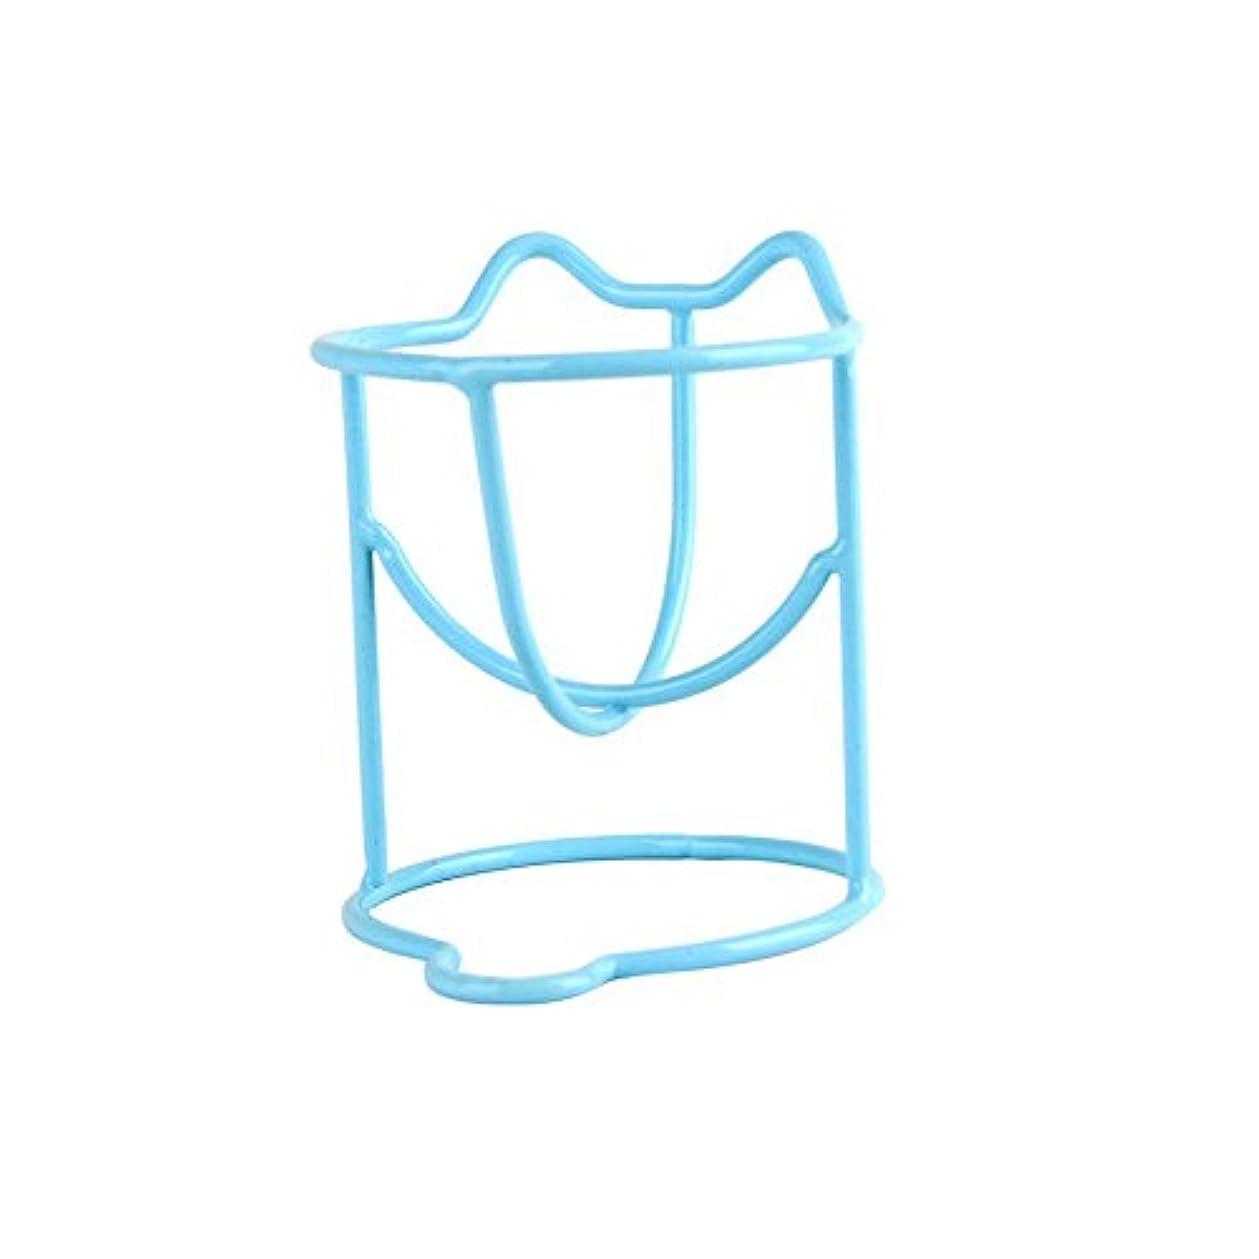 2つの乾燥ホルダーラックファッションメイク卵パウダーパフスポンジディスプレイスタンドのセット